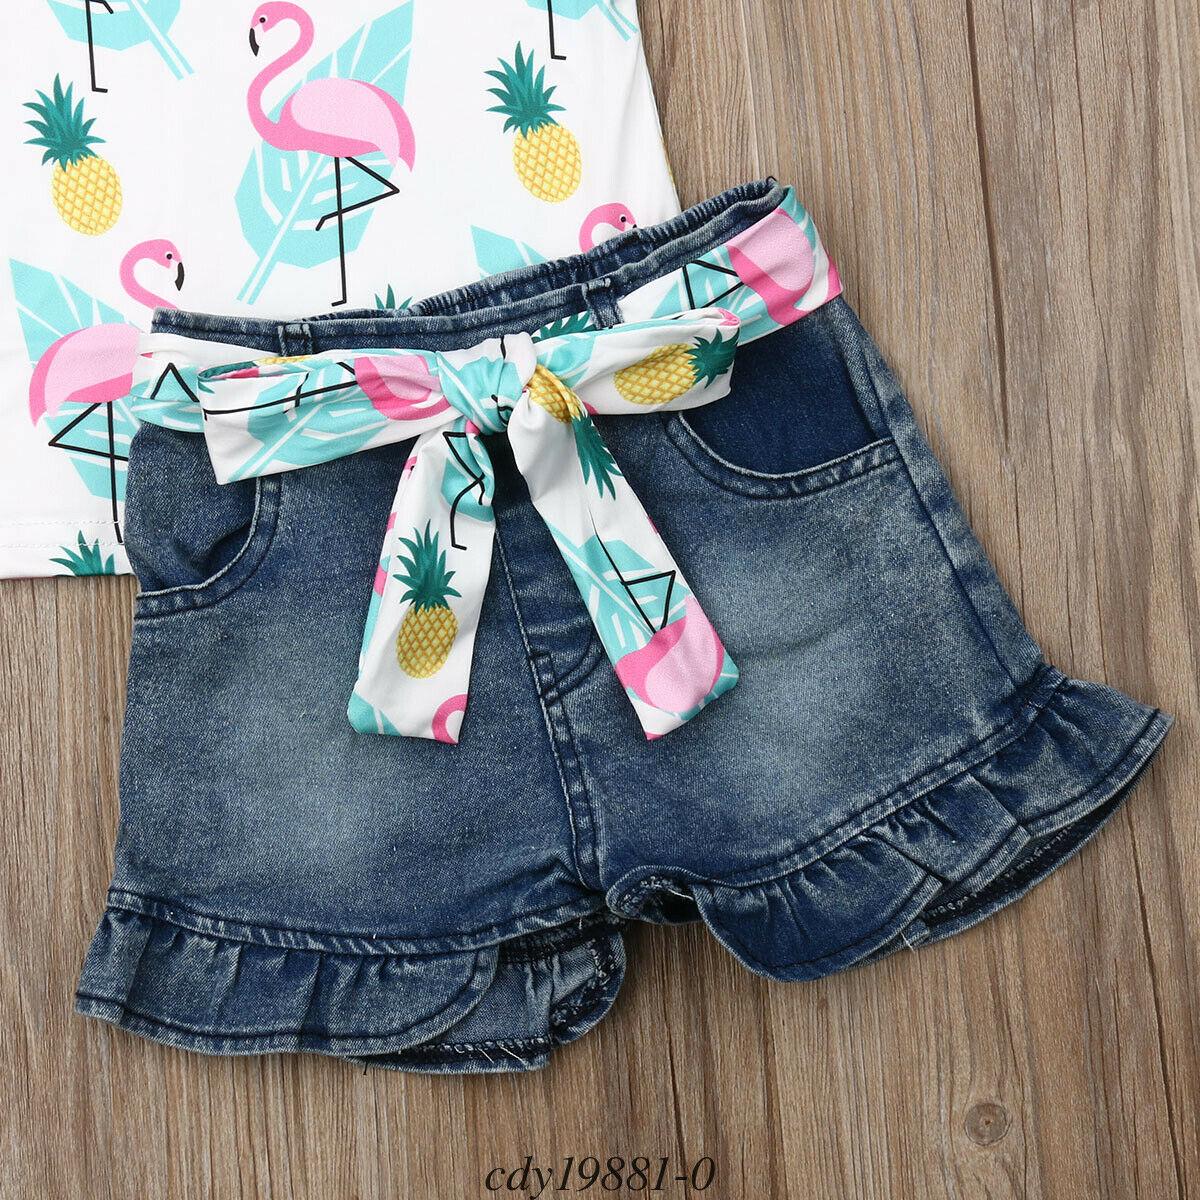 Toddler Baby Girl Shorts Outfits Sleeveless T Shirts Short Pant Pockets Clothing Sets